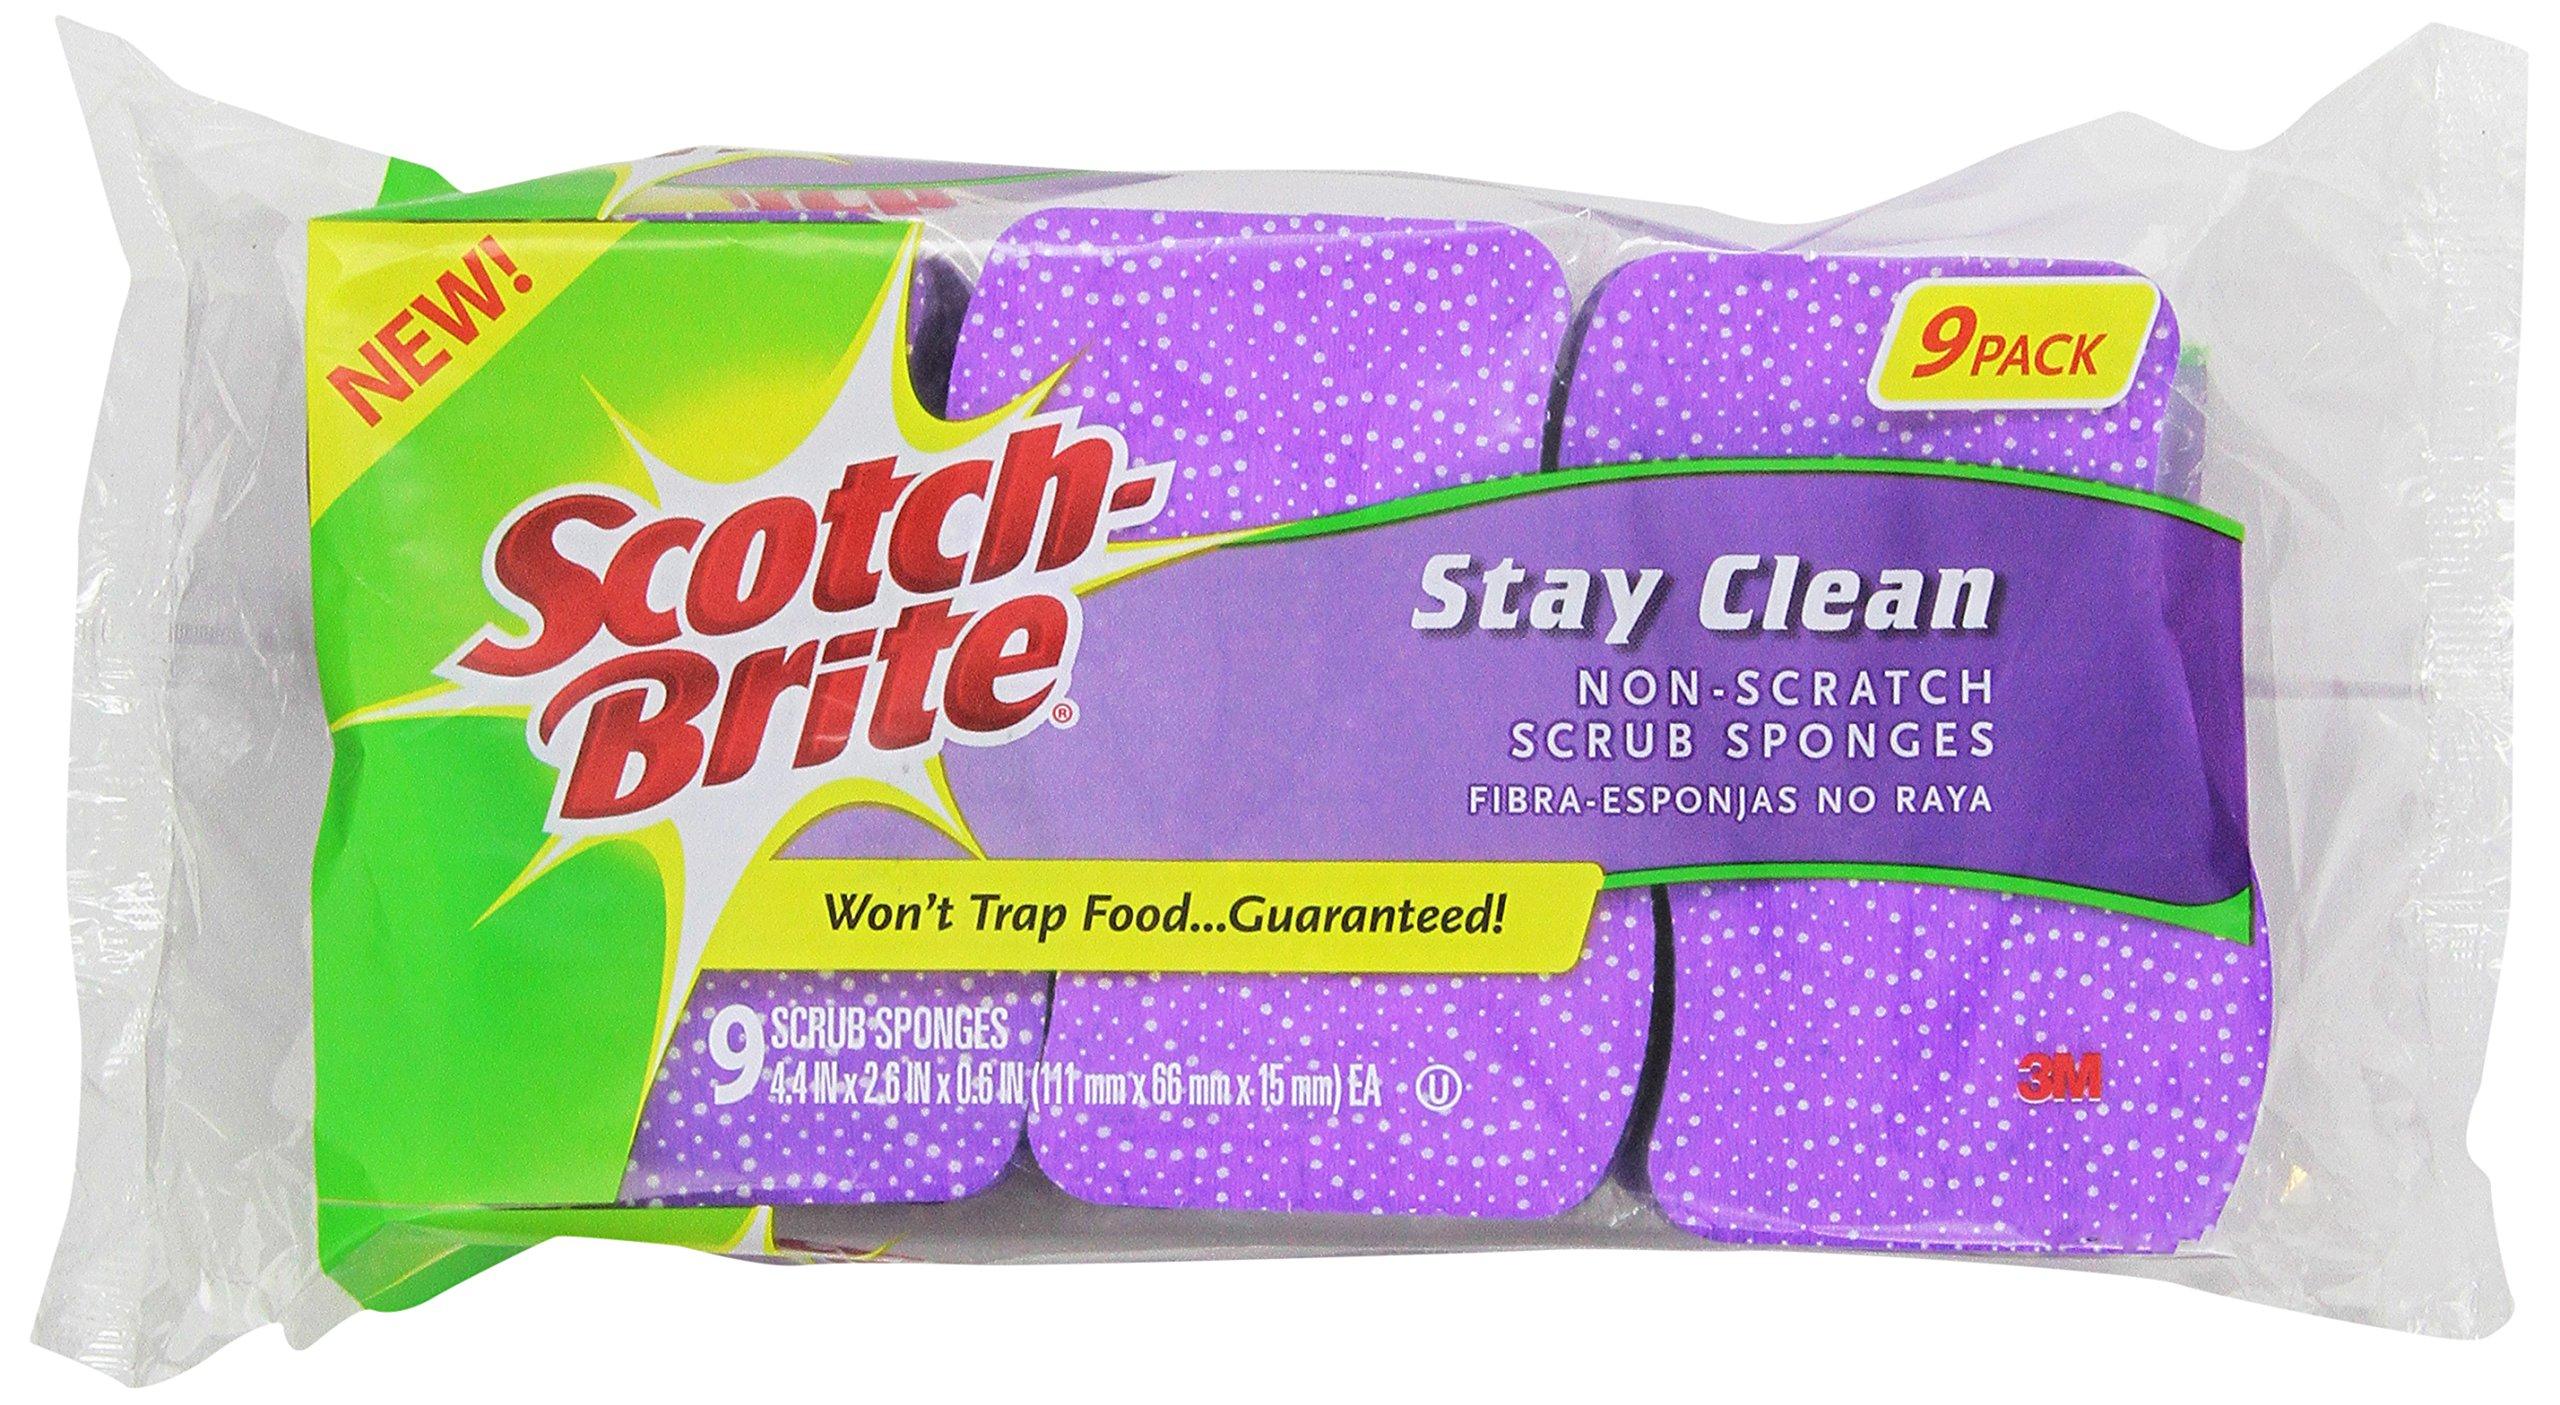 Scotch-Brite Stay Clean Non-Scratch Scrub Sponge, 9-Sponges